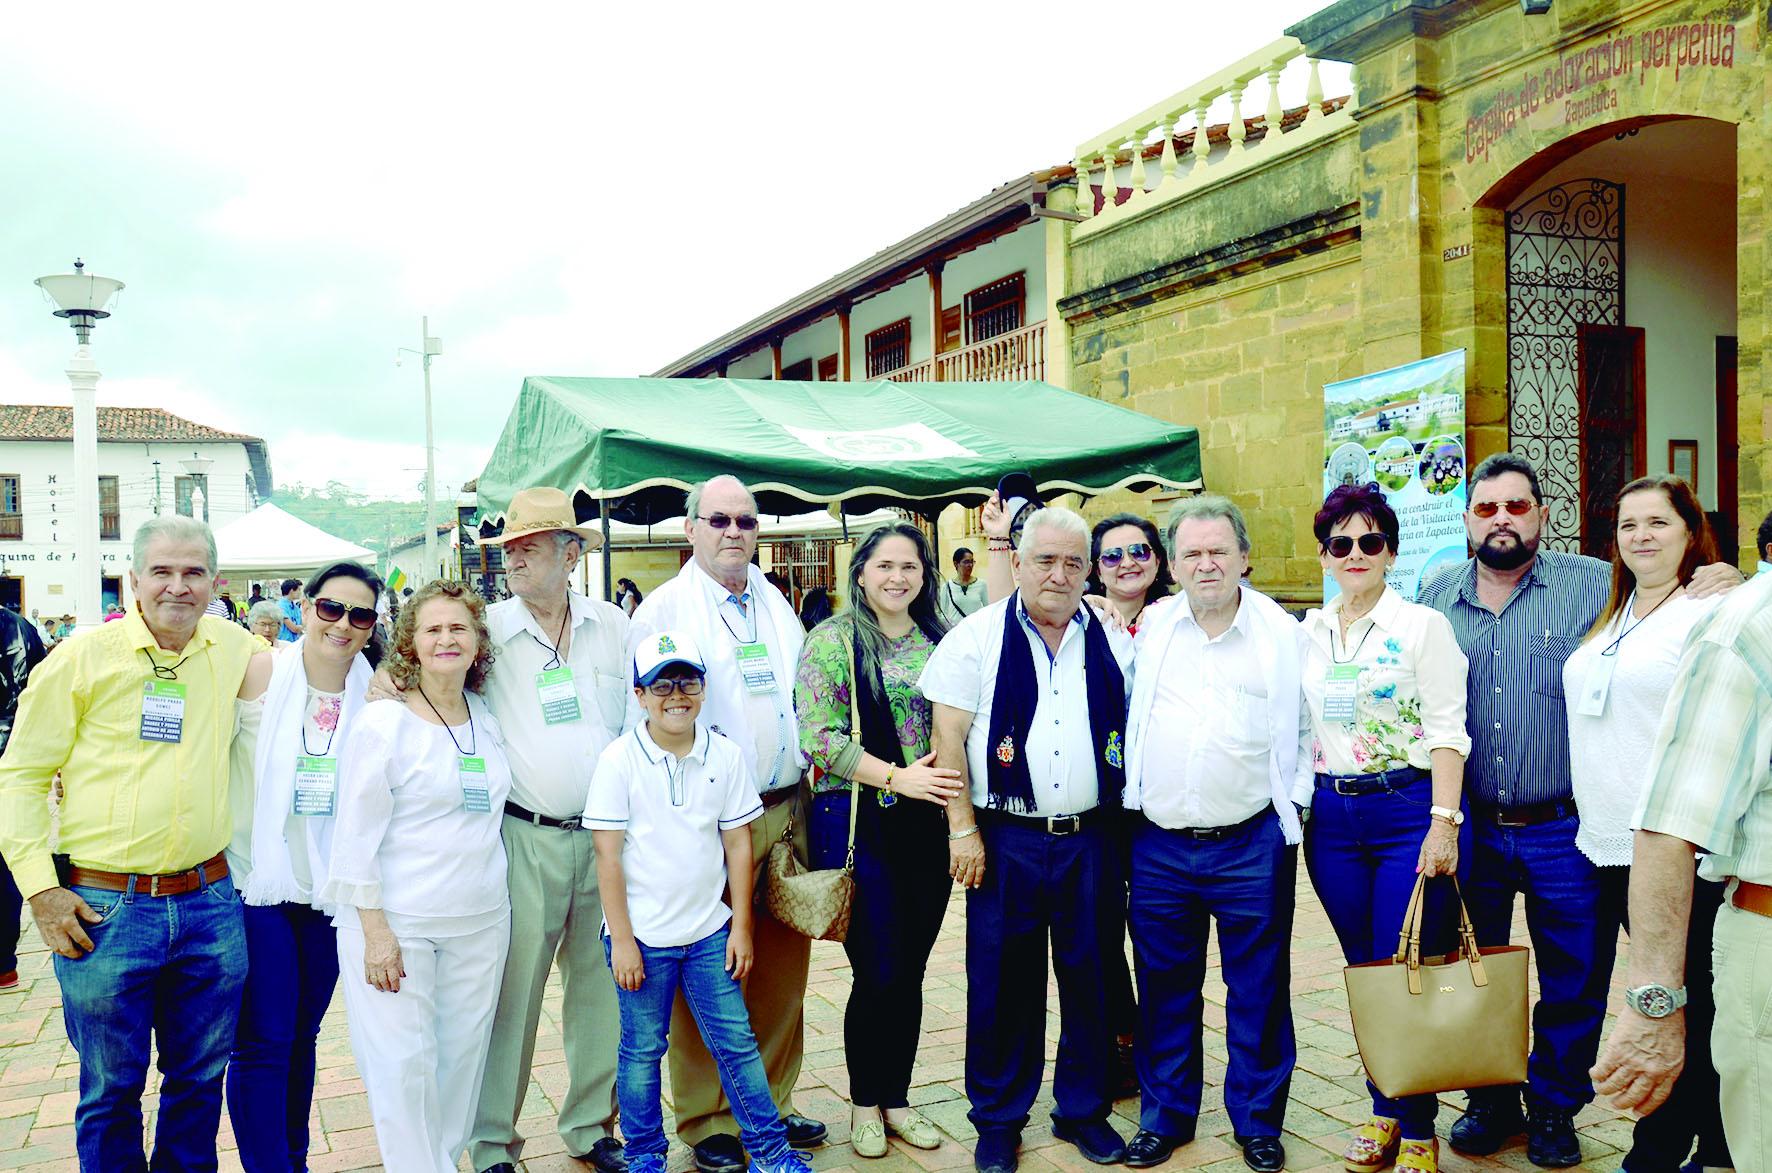 Espectacular encuentro de las familias PINILLA | EL FRENTE